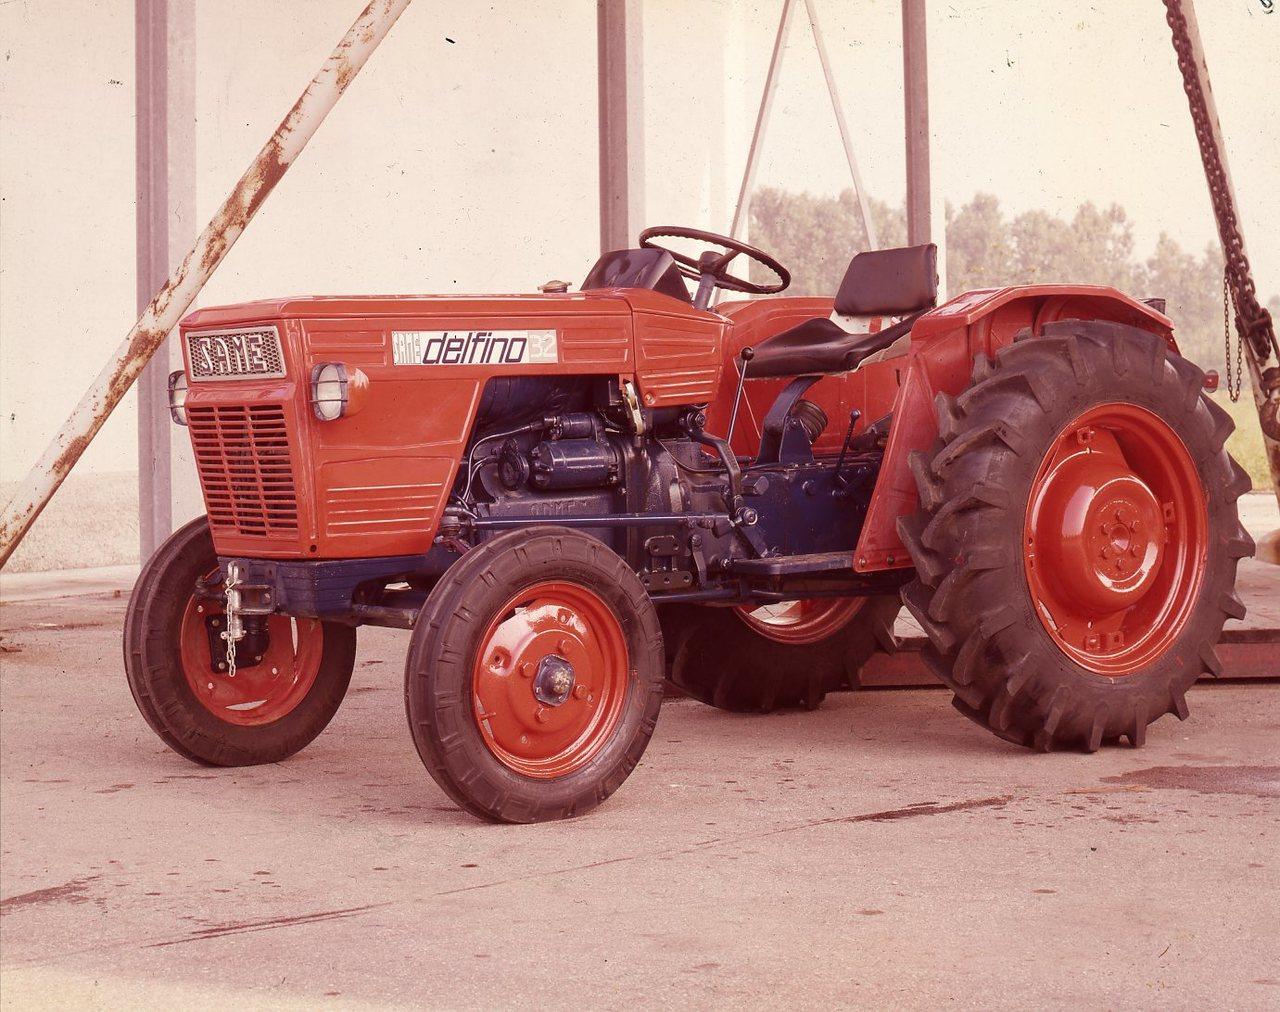 [SAME] trattore modello Delfino 32